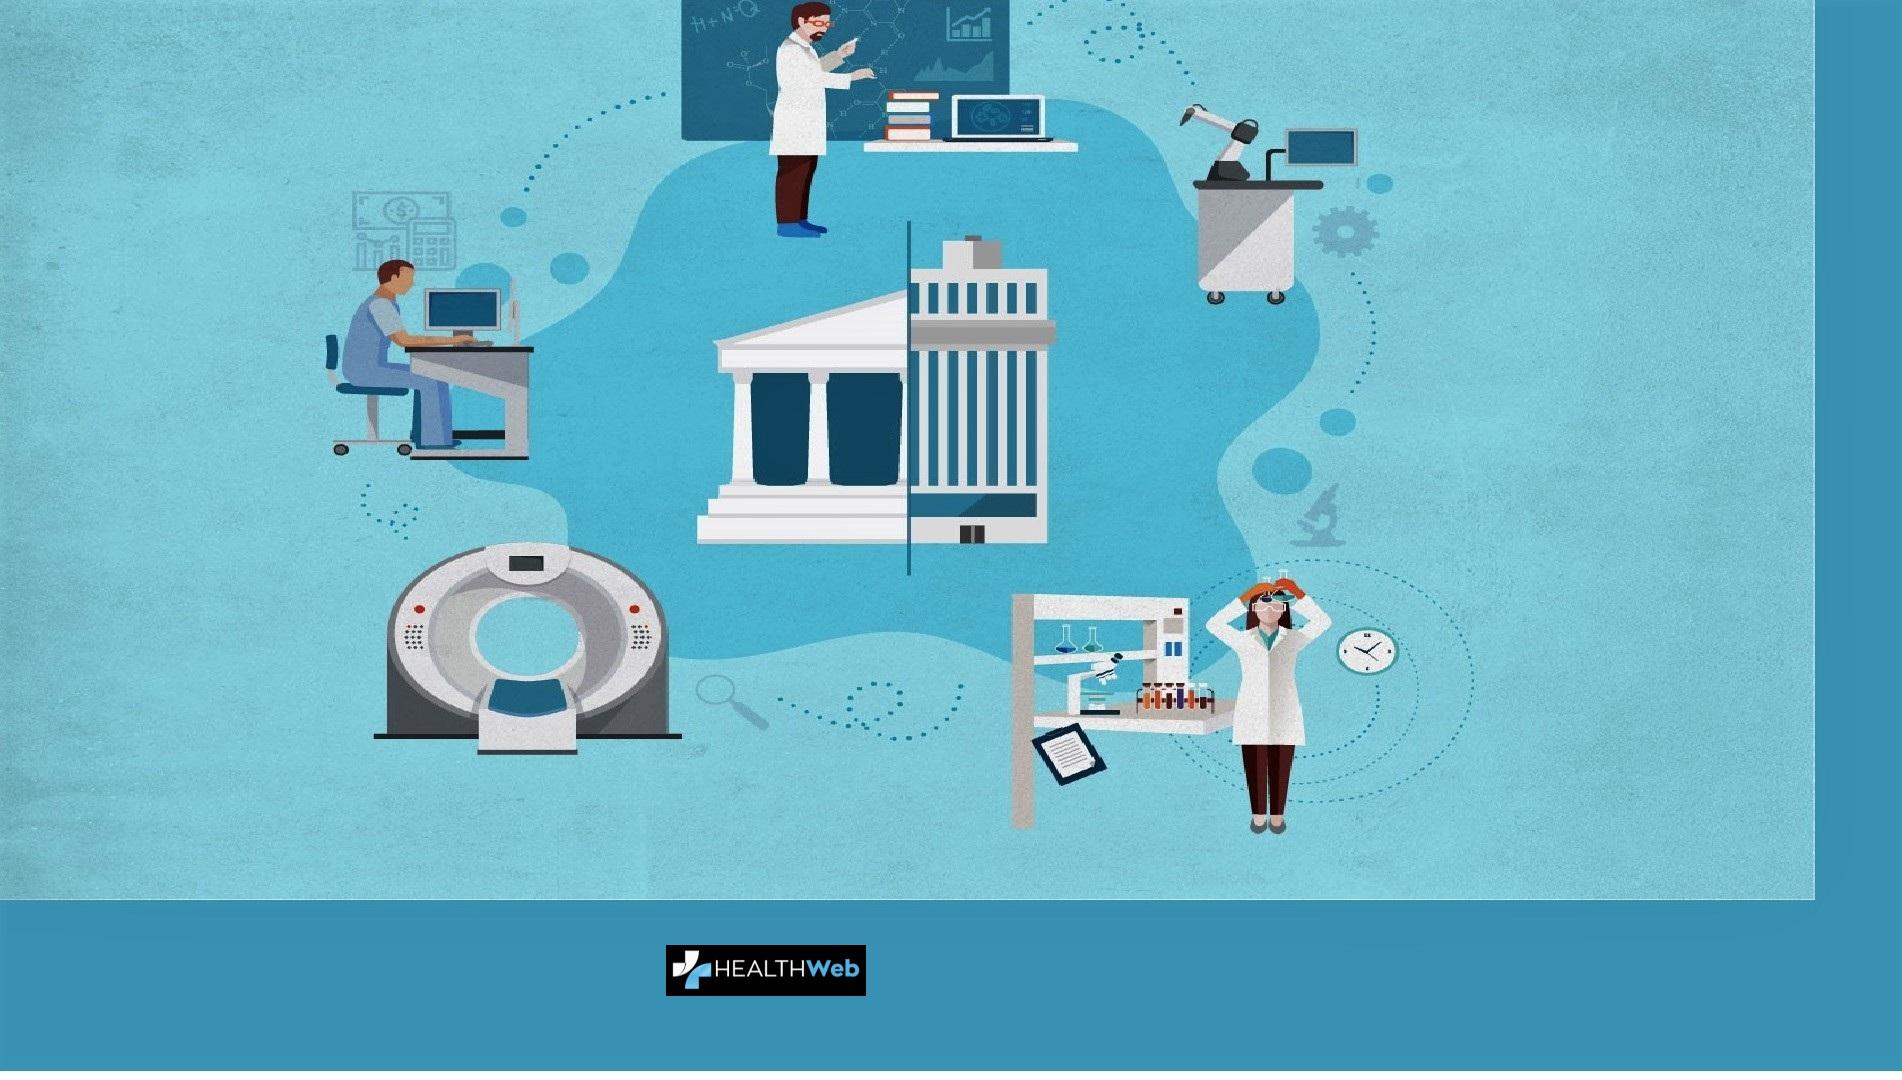 Οι ΣΔΙΤ στην υγεία αποτελούν καινοτόμες προσεγγίσεις ;